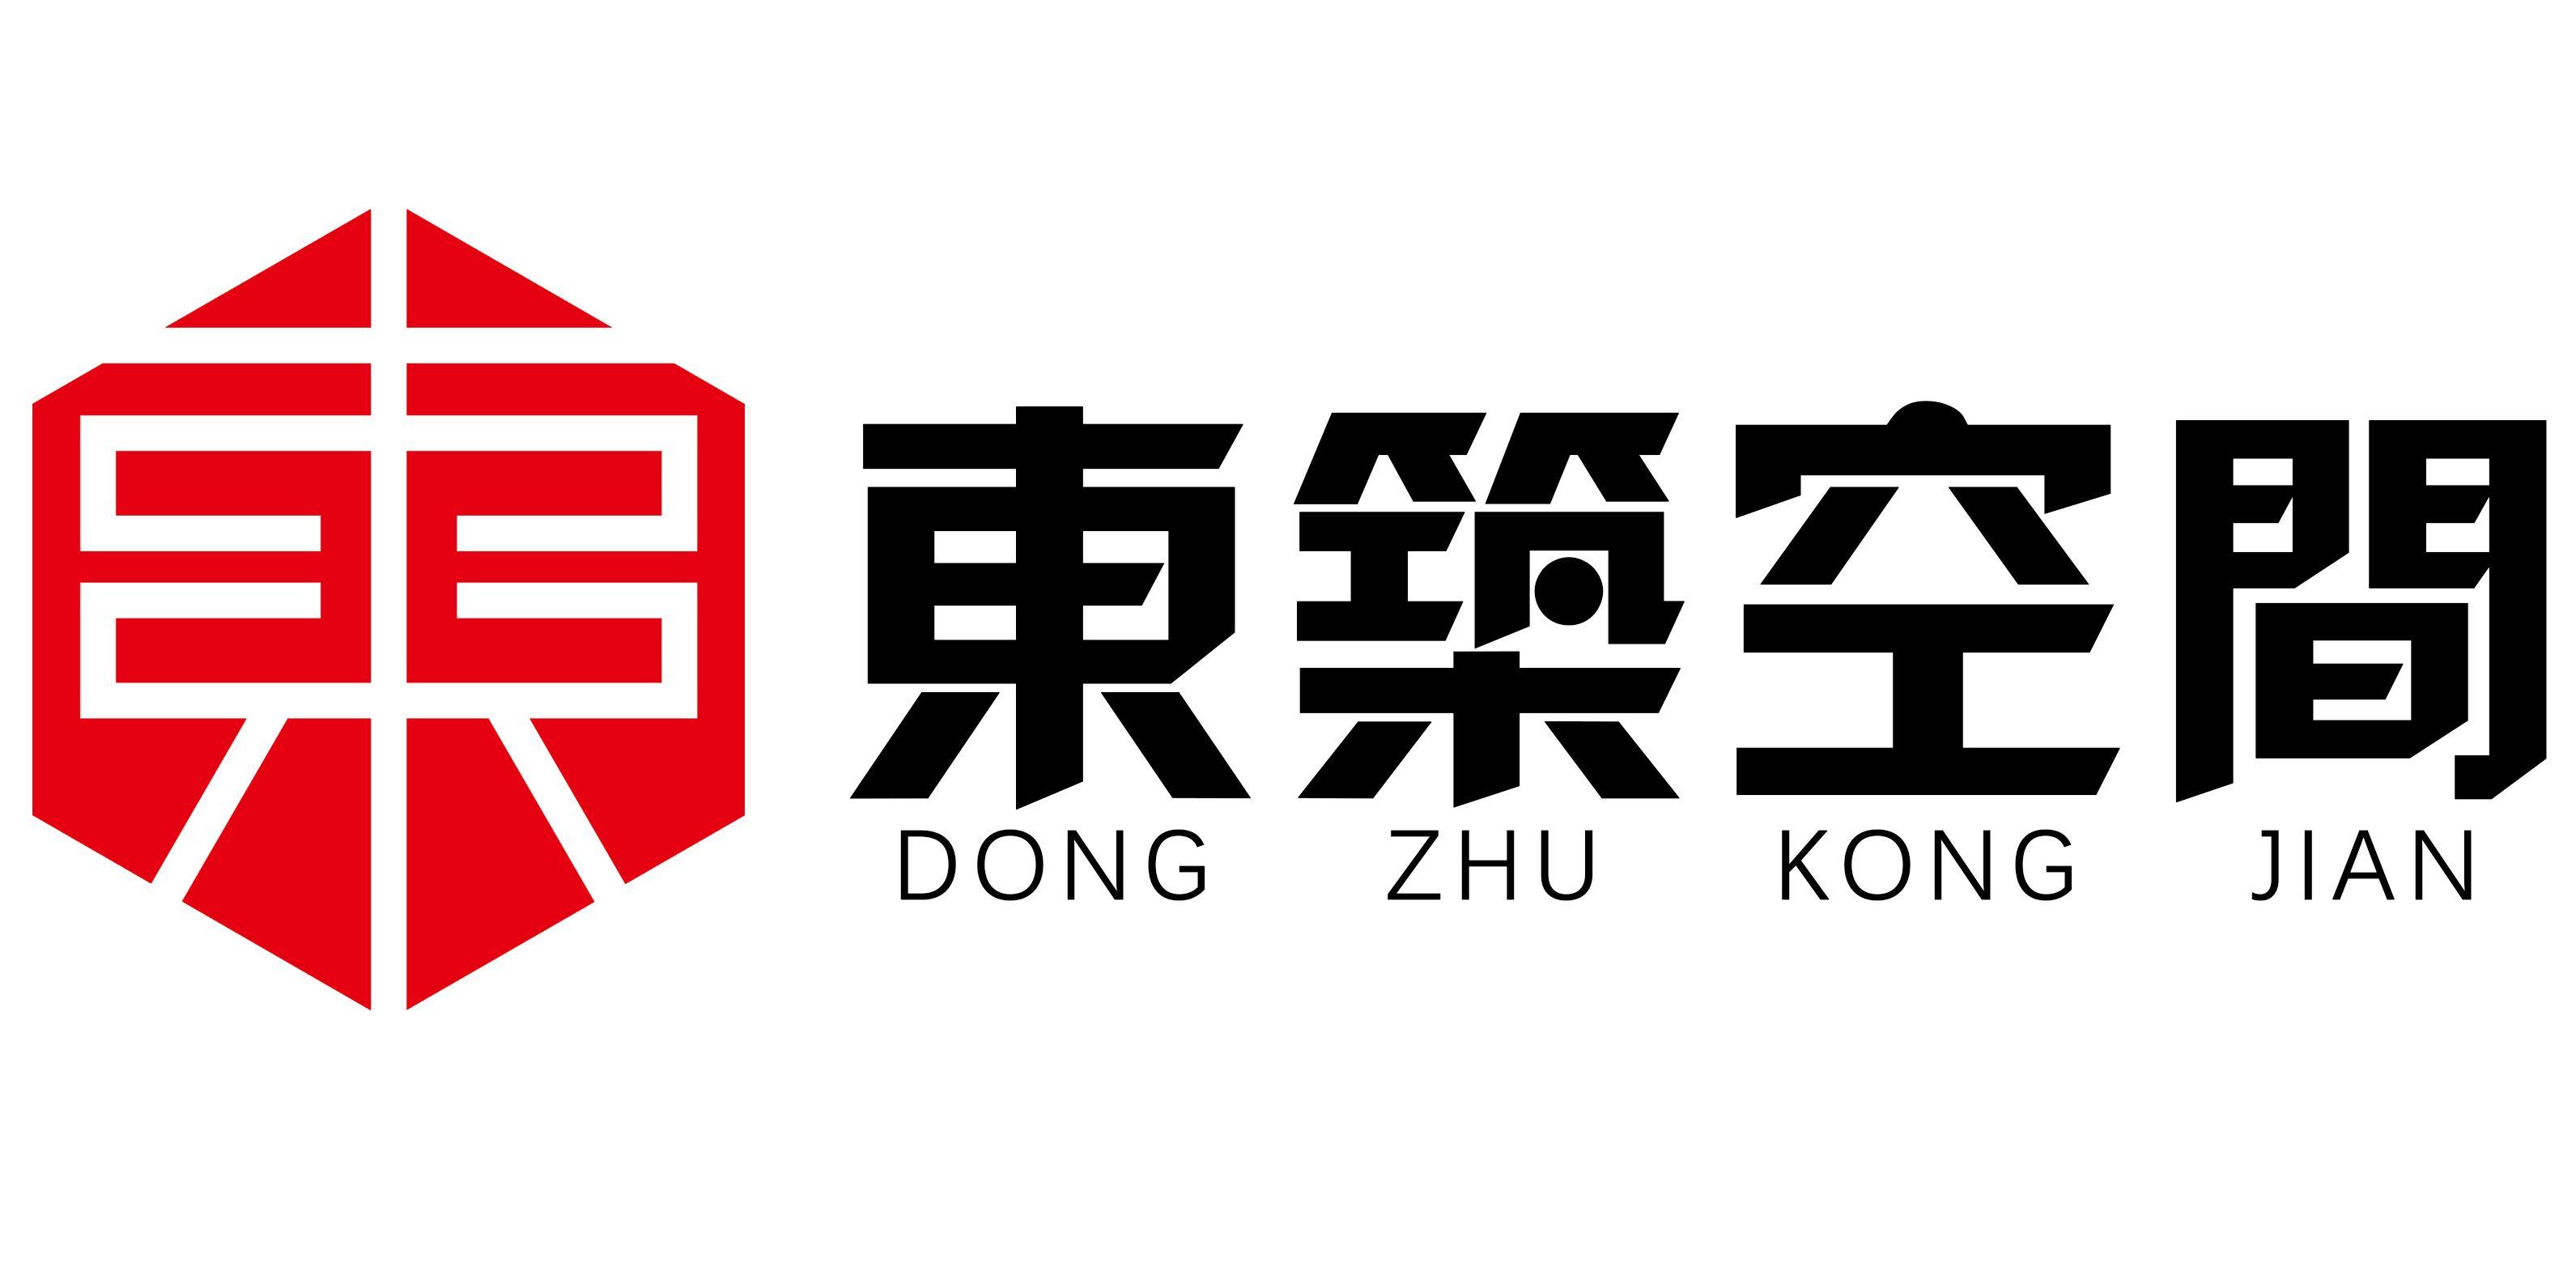 北京东筑空间建筑装饰工程有限公司江阴分公司